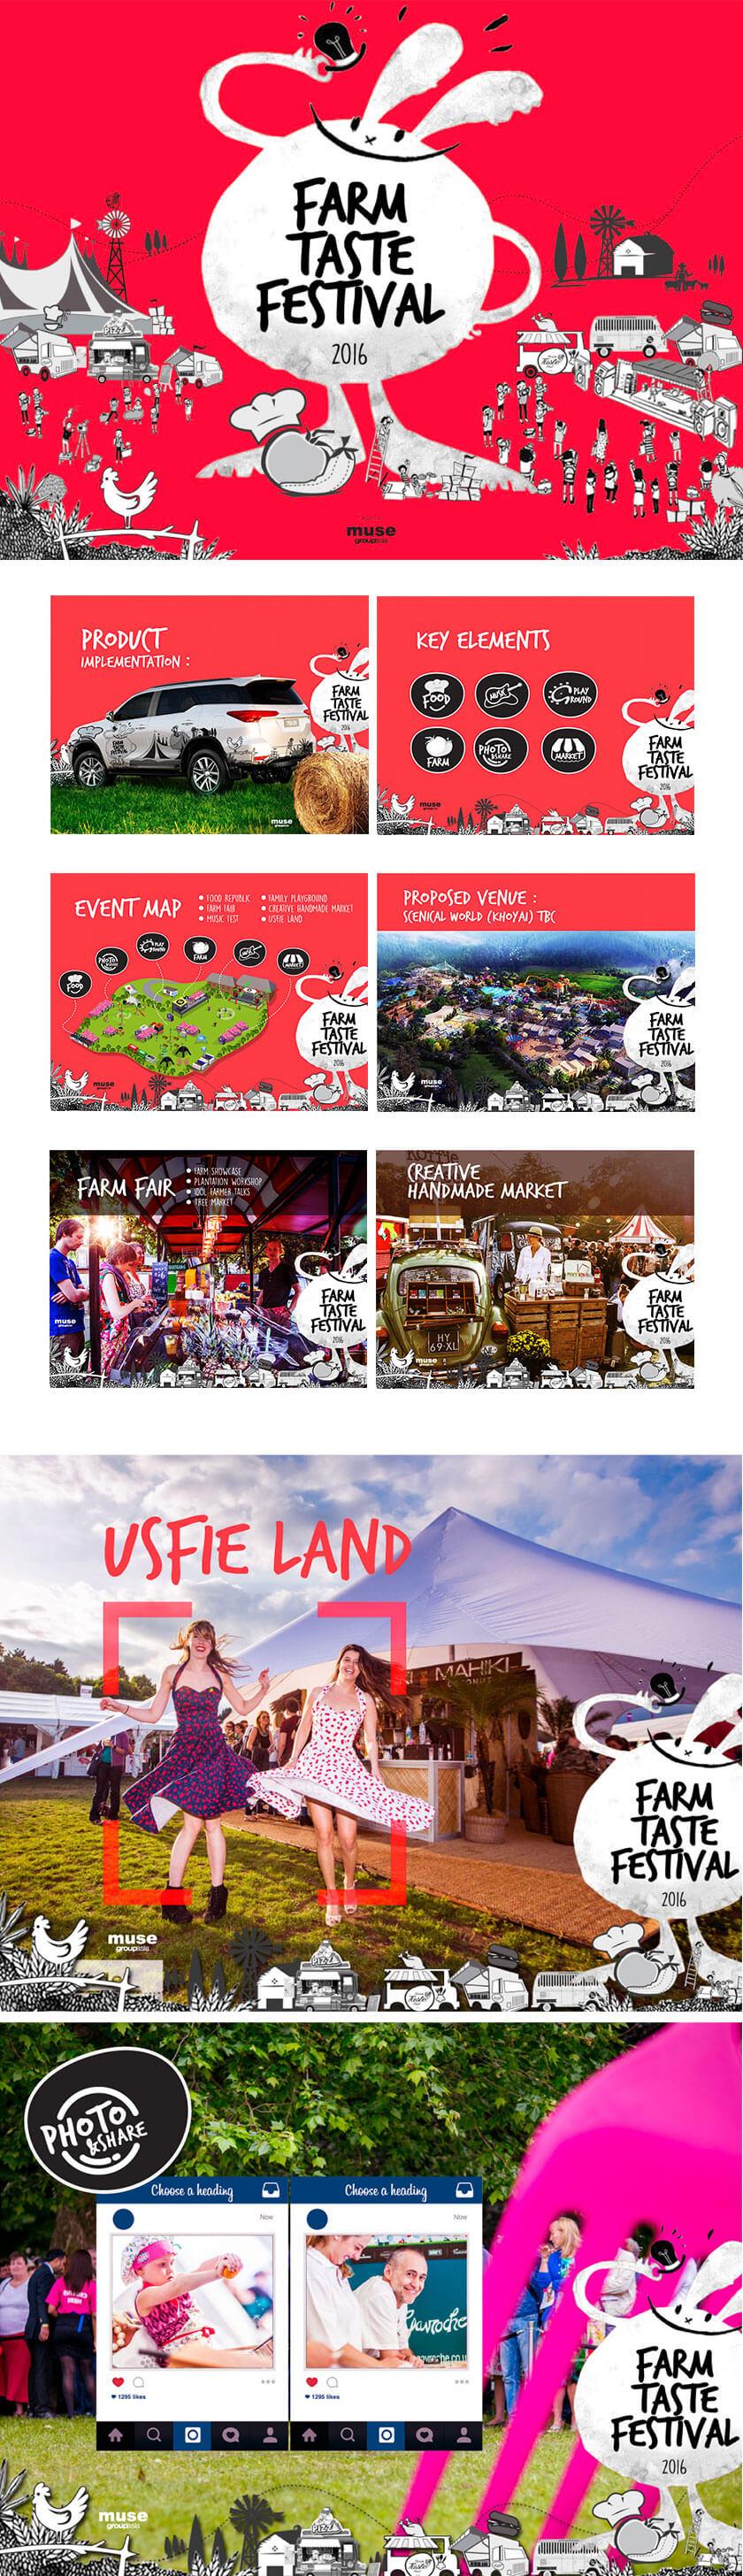 ออกแบบ Farm-Taste-festival | MeDee - บริษัทรับทำเว็บไซต์ กราฟฟิกดีไซน์